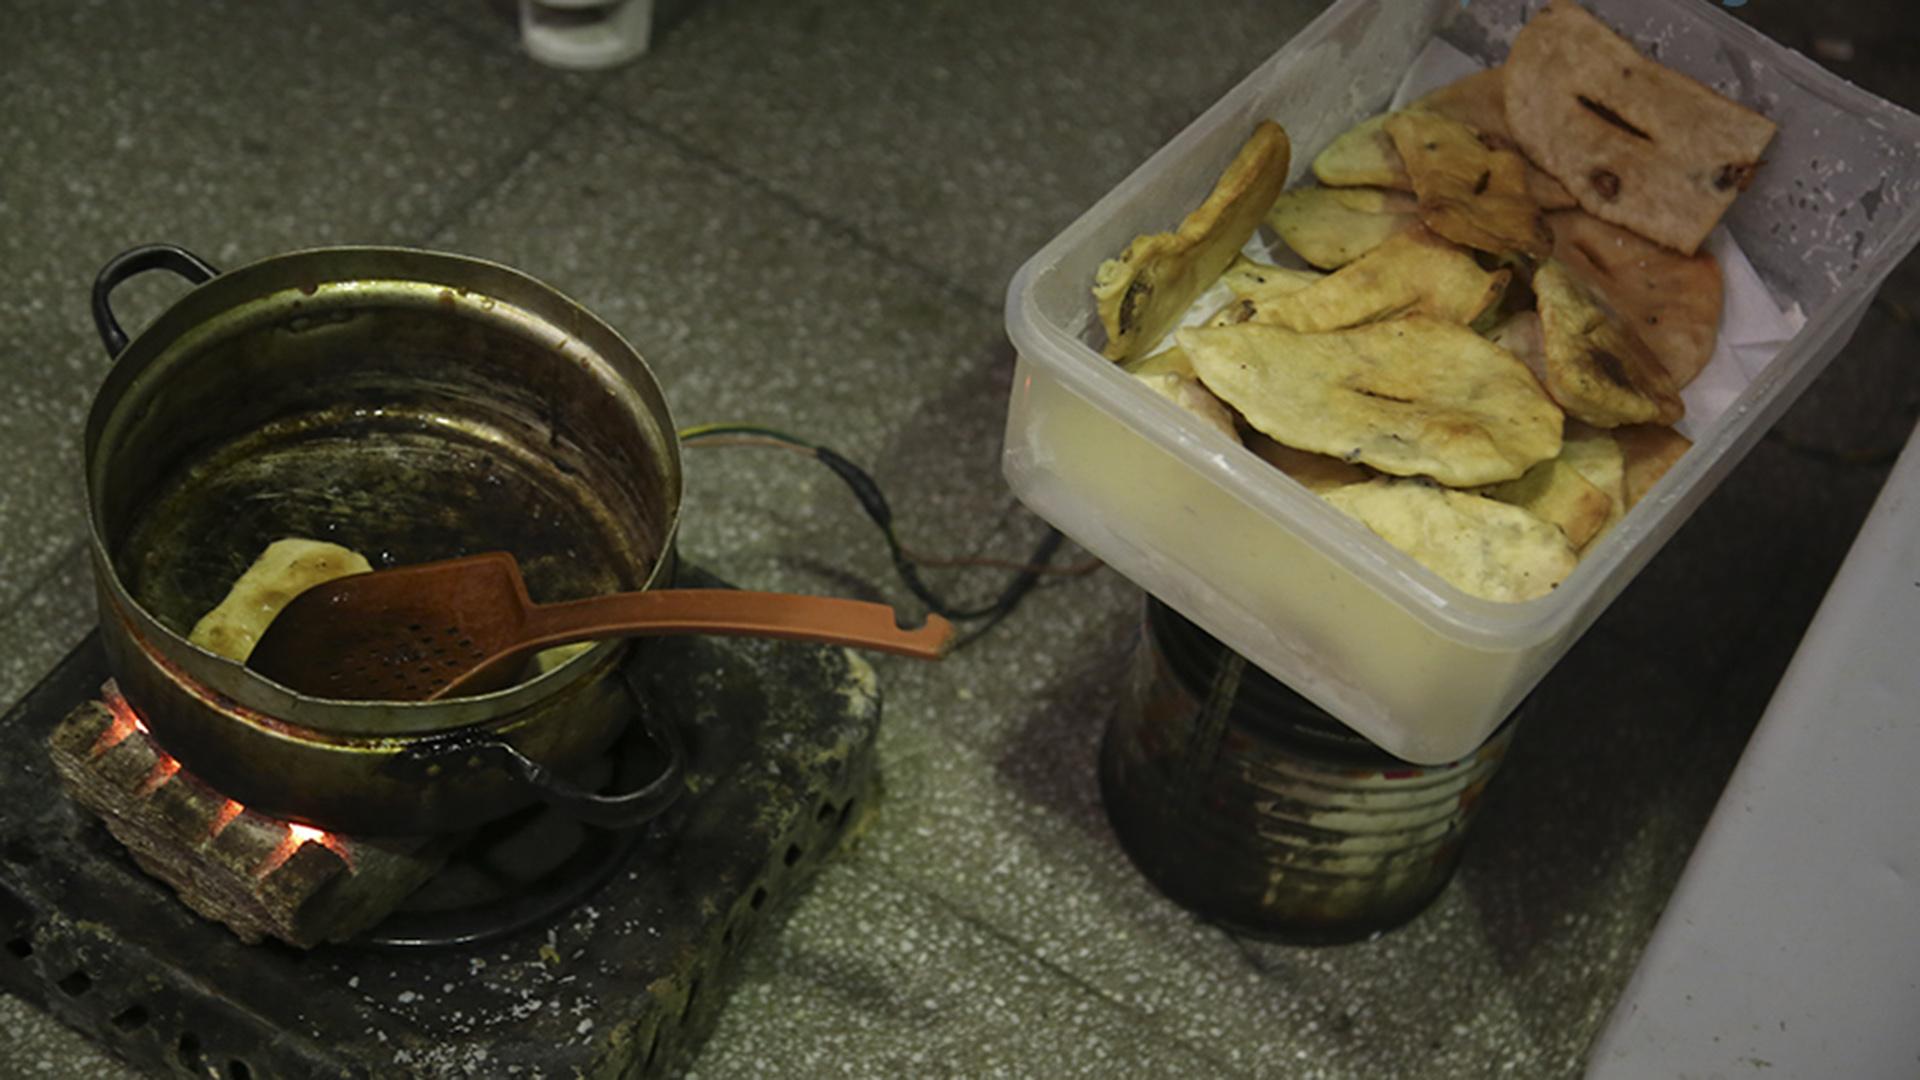 Un detenido improvisa unas batatas fritas en un brasero.